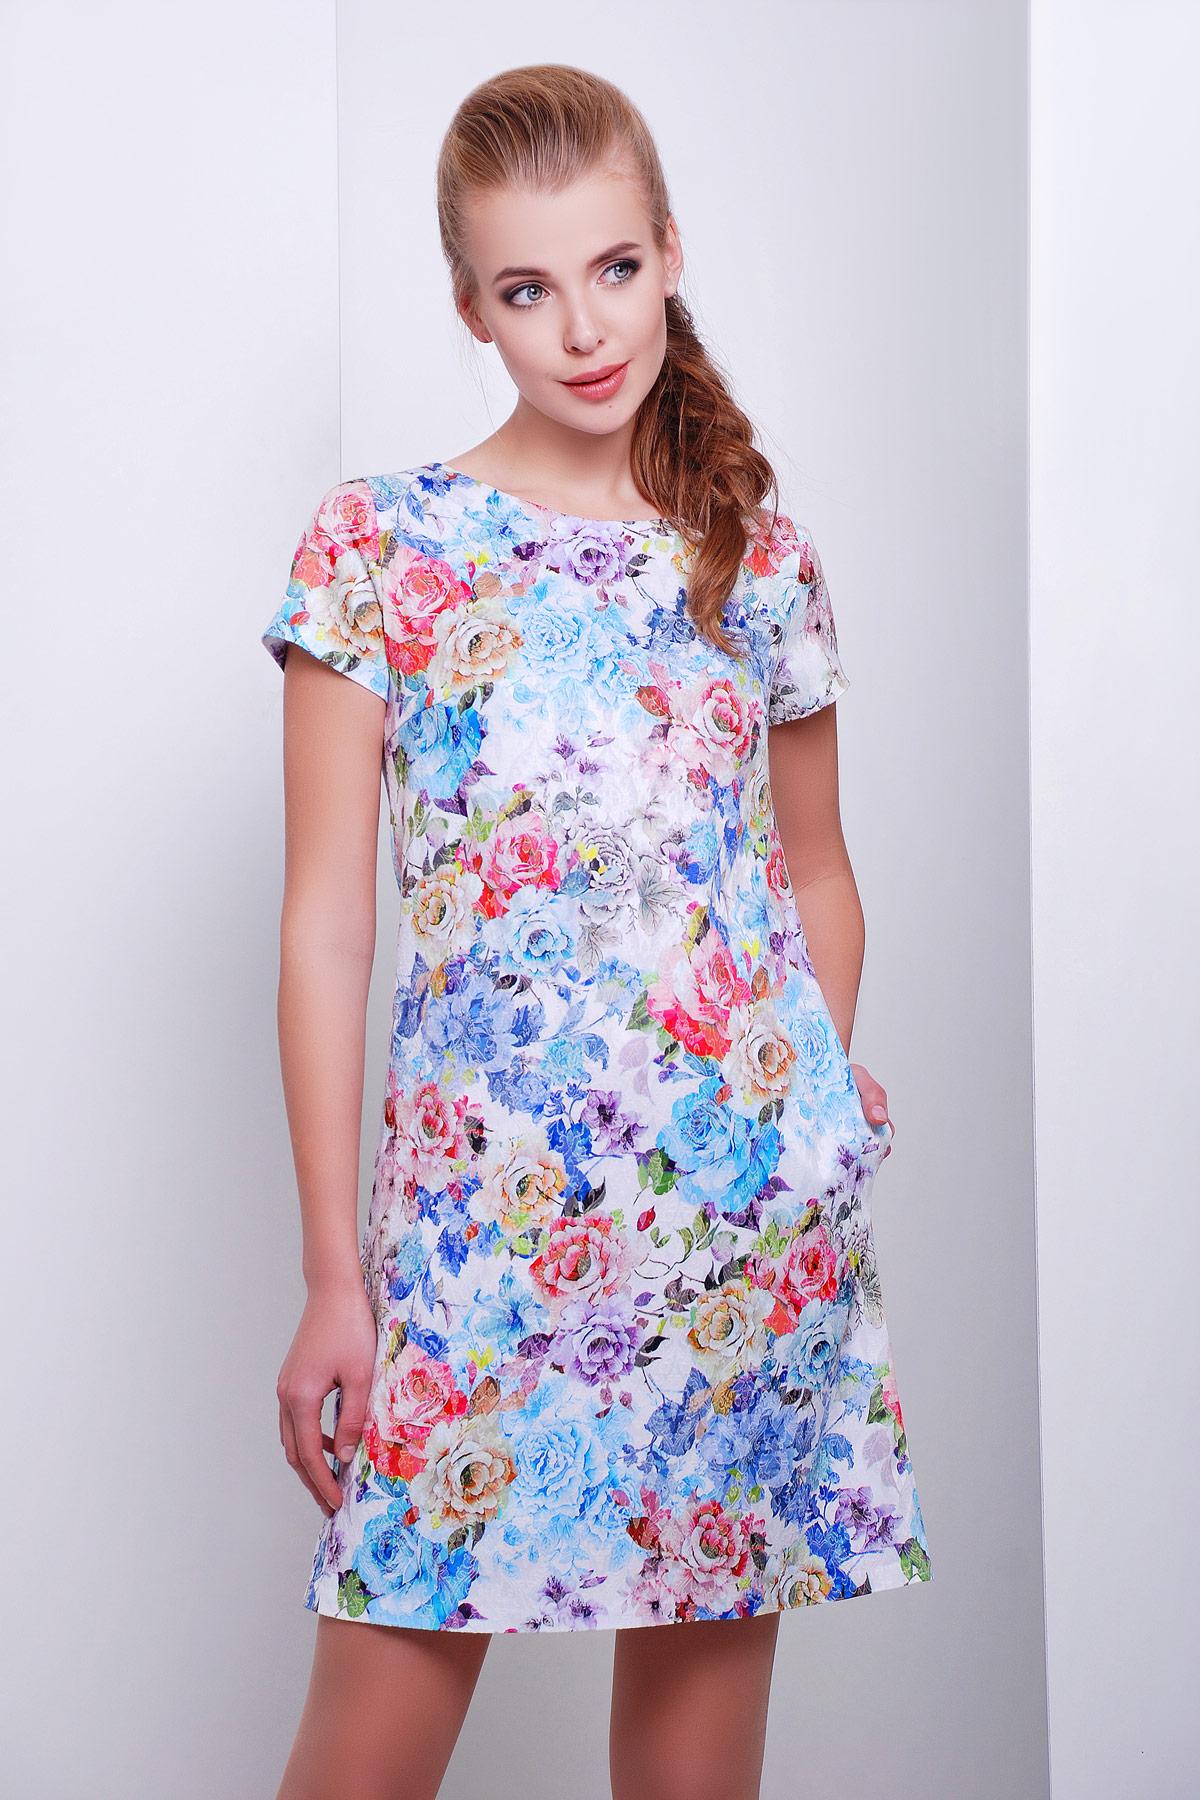 757787d30a5 Платье Миранда к р. Цвет  белый-голуб.цветы - купить оптом и в ...